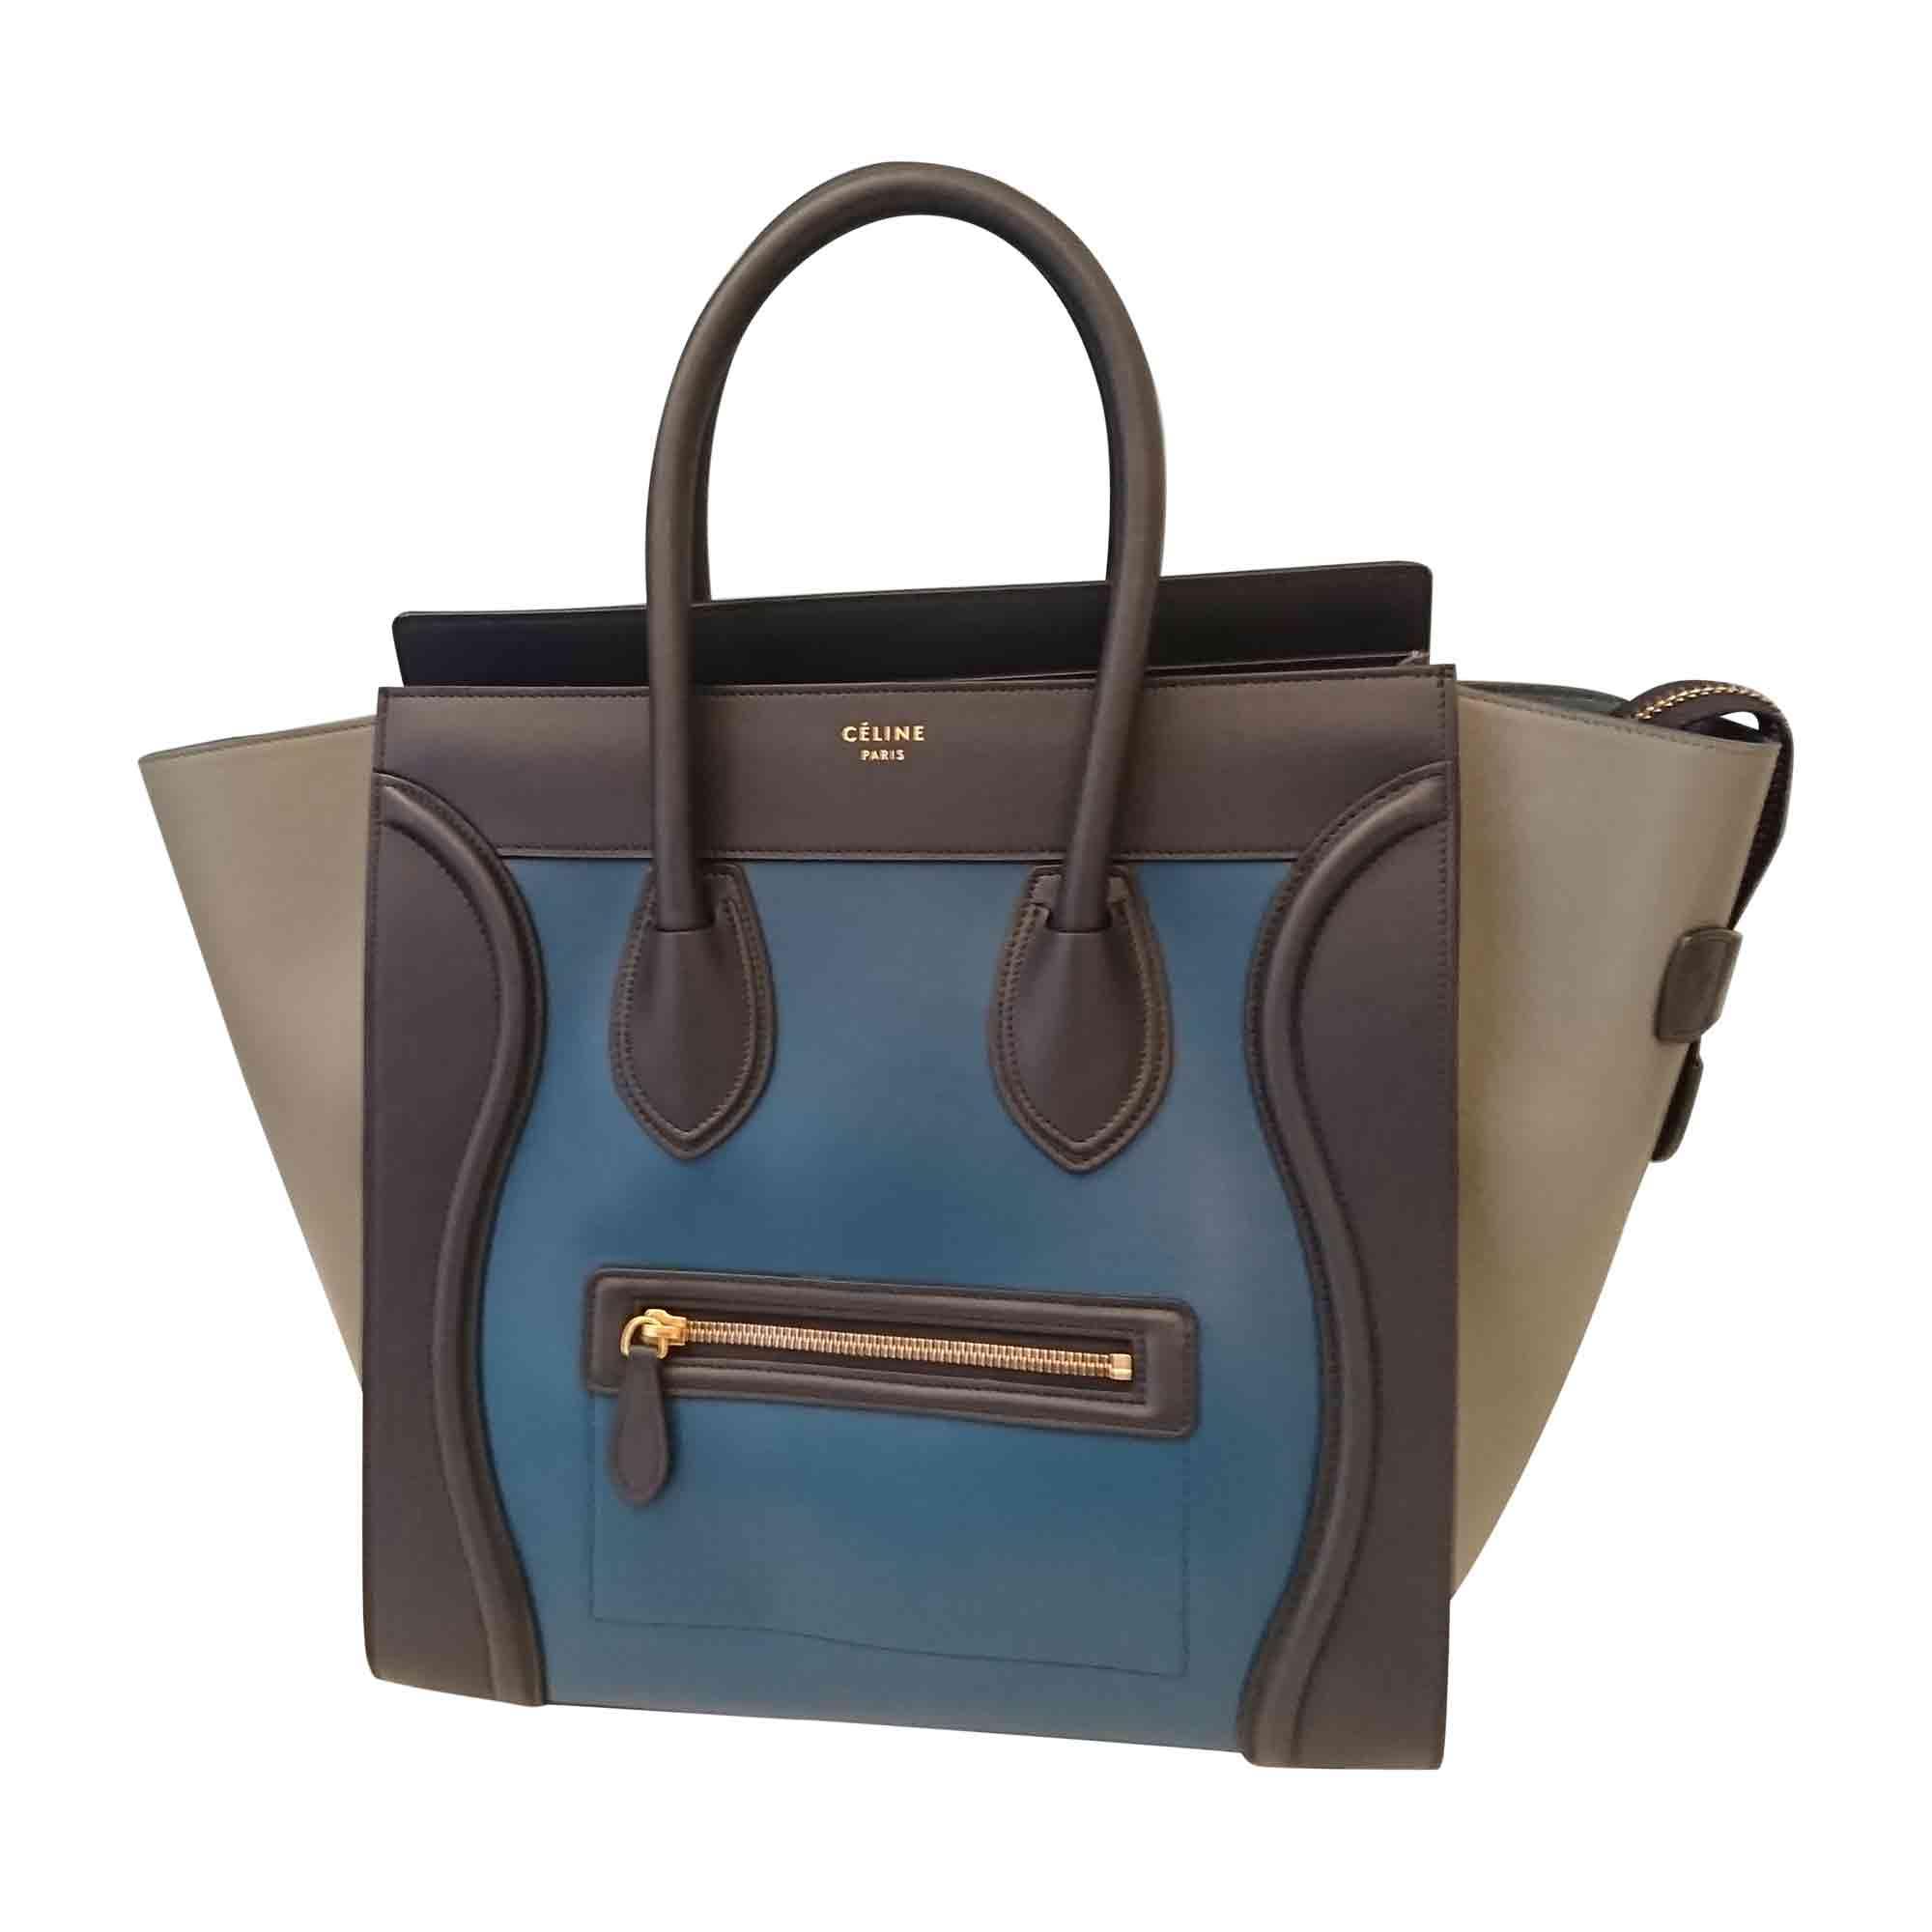 03a1ed40a7 À 5517248 Céline Bleu Main En Cuir Sac Luggage 0kOPX8wn